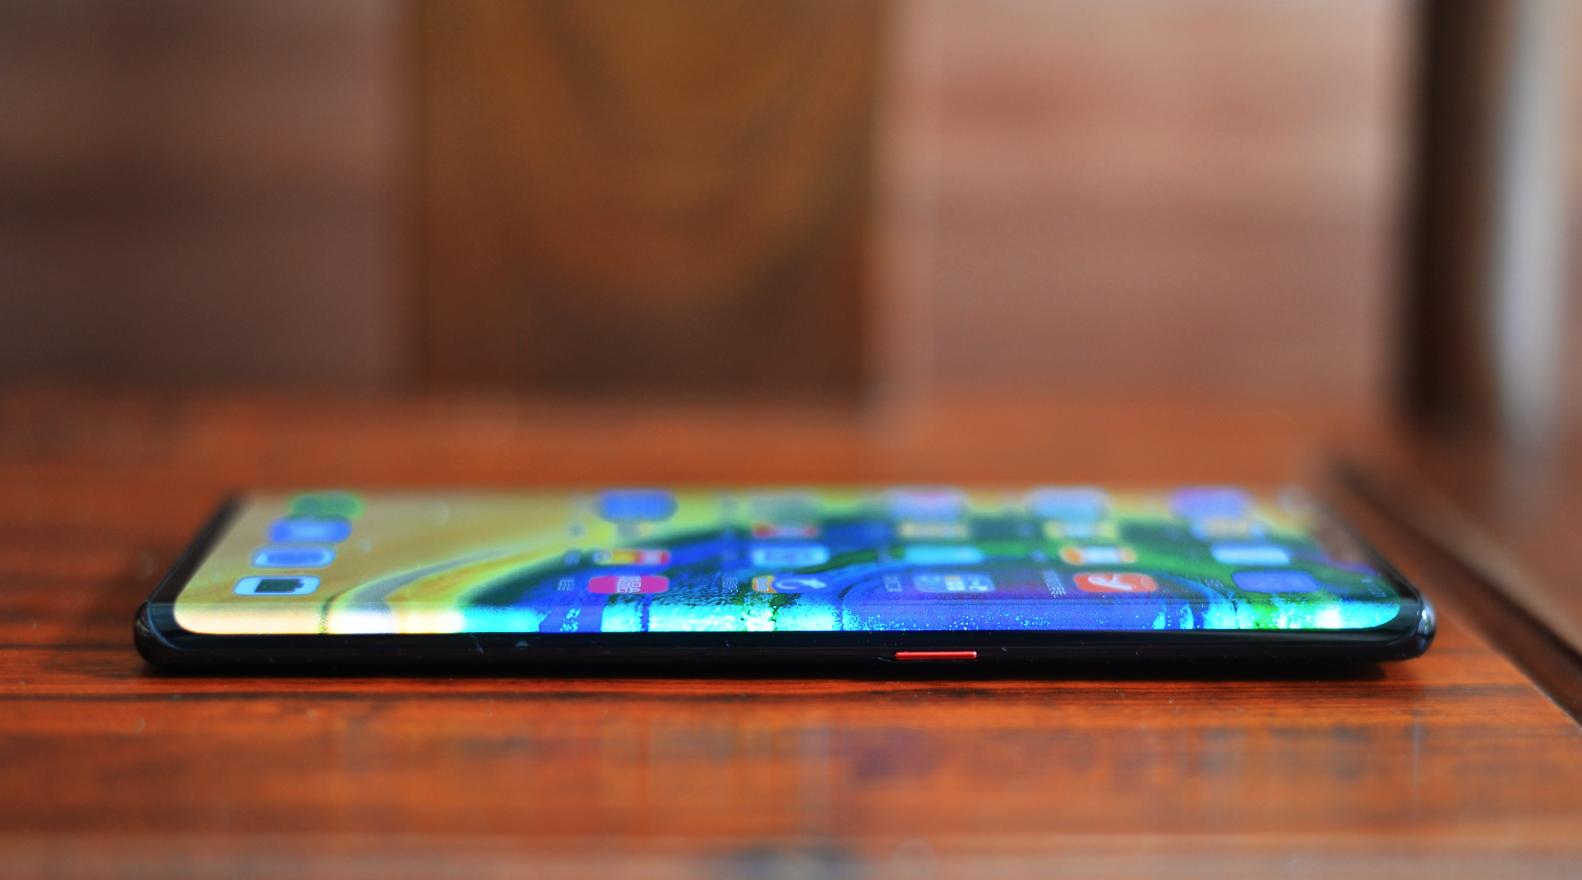 华为Mate30 Pro图赏:超曲面环幕屏,搭载麒麟990芯片的照片 - 15